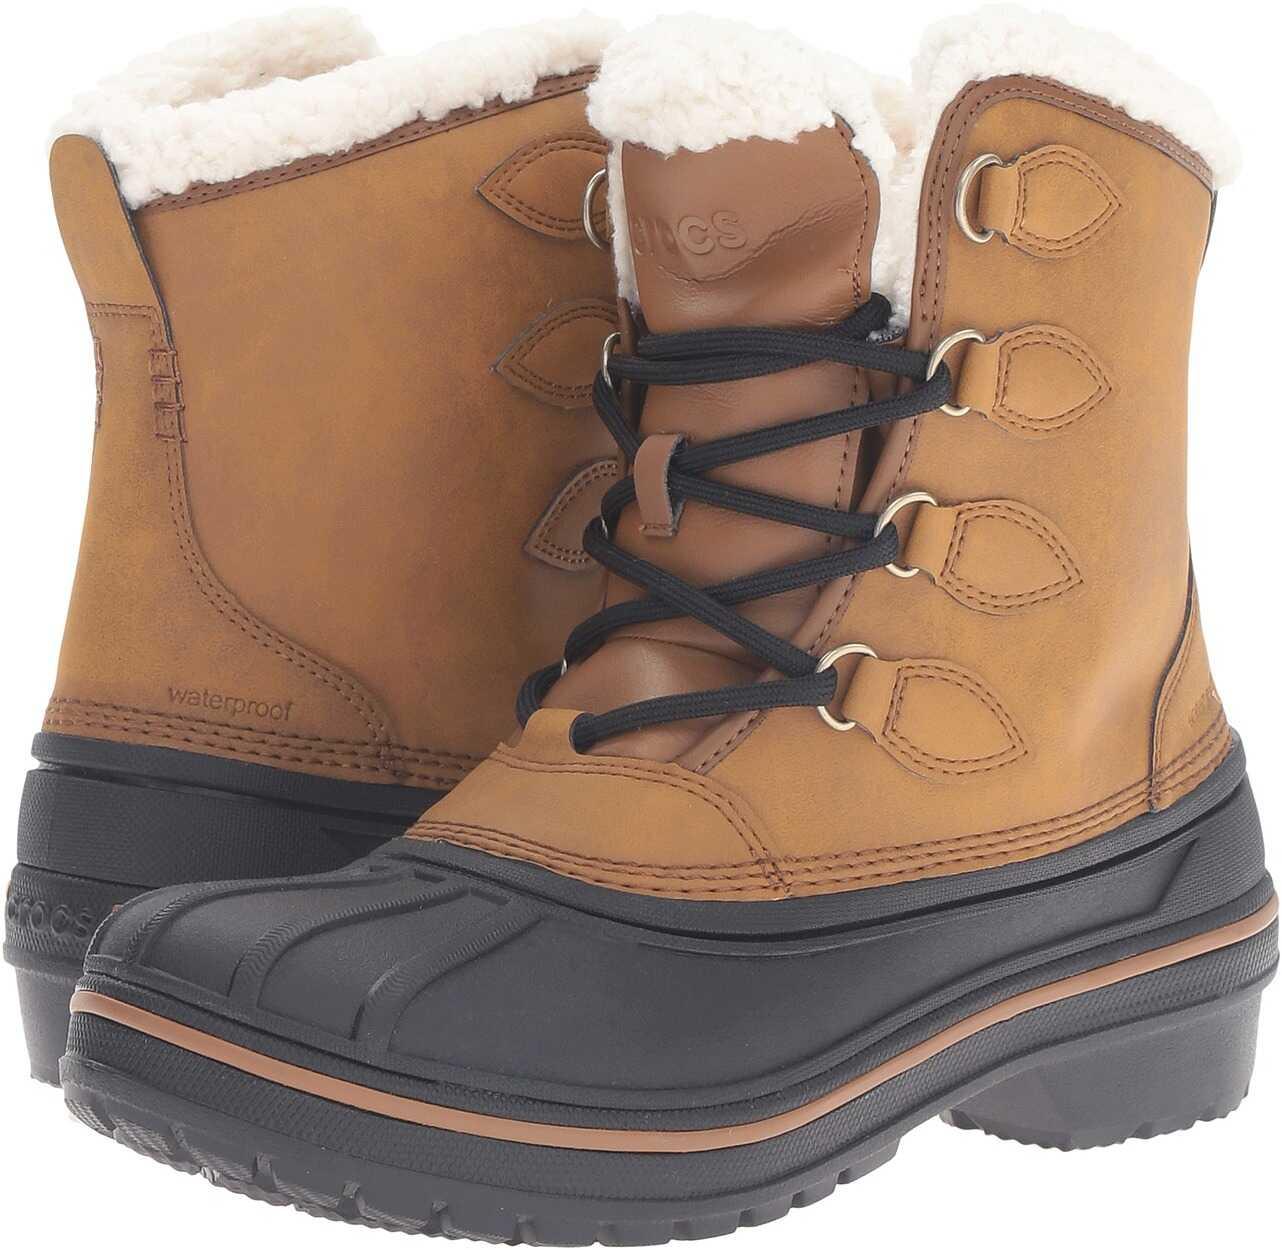 Crocs AllCast II Boot Wheat